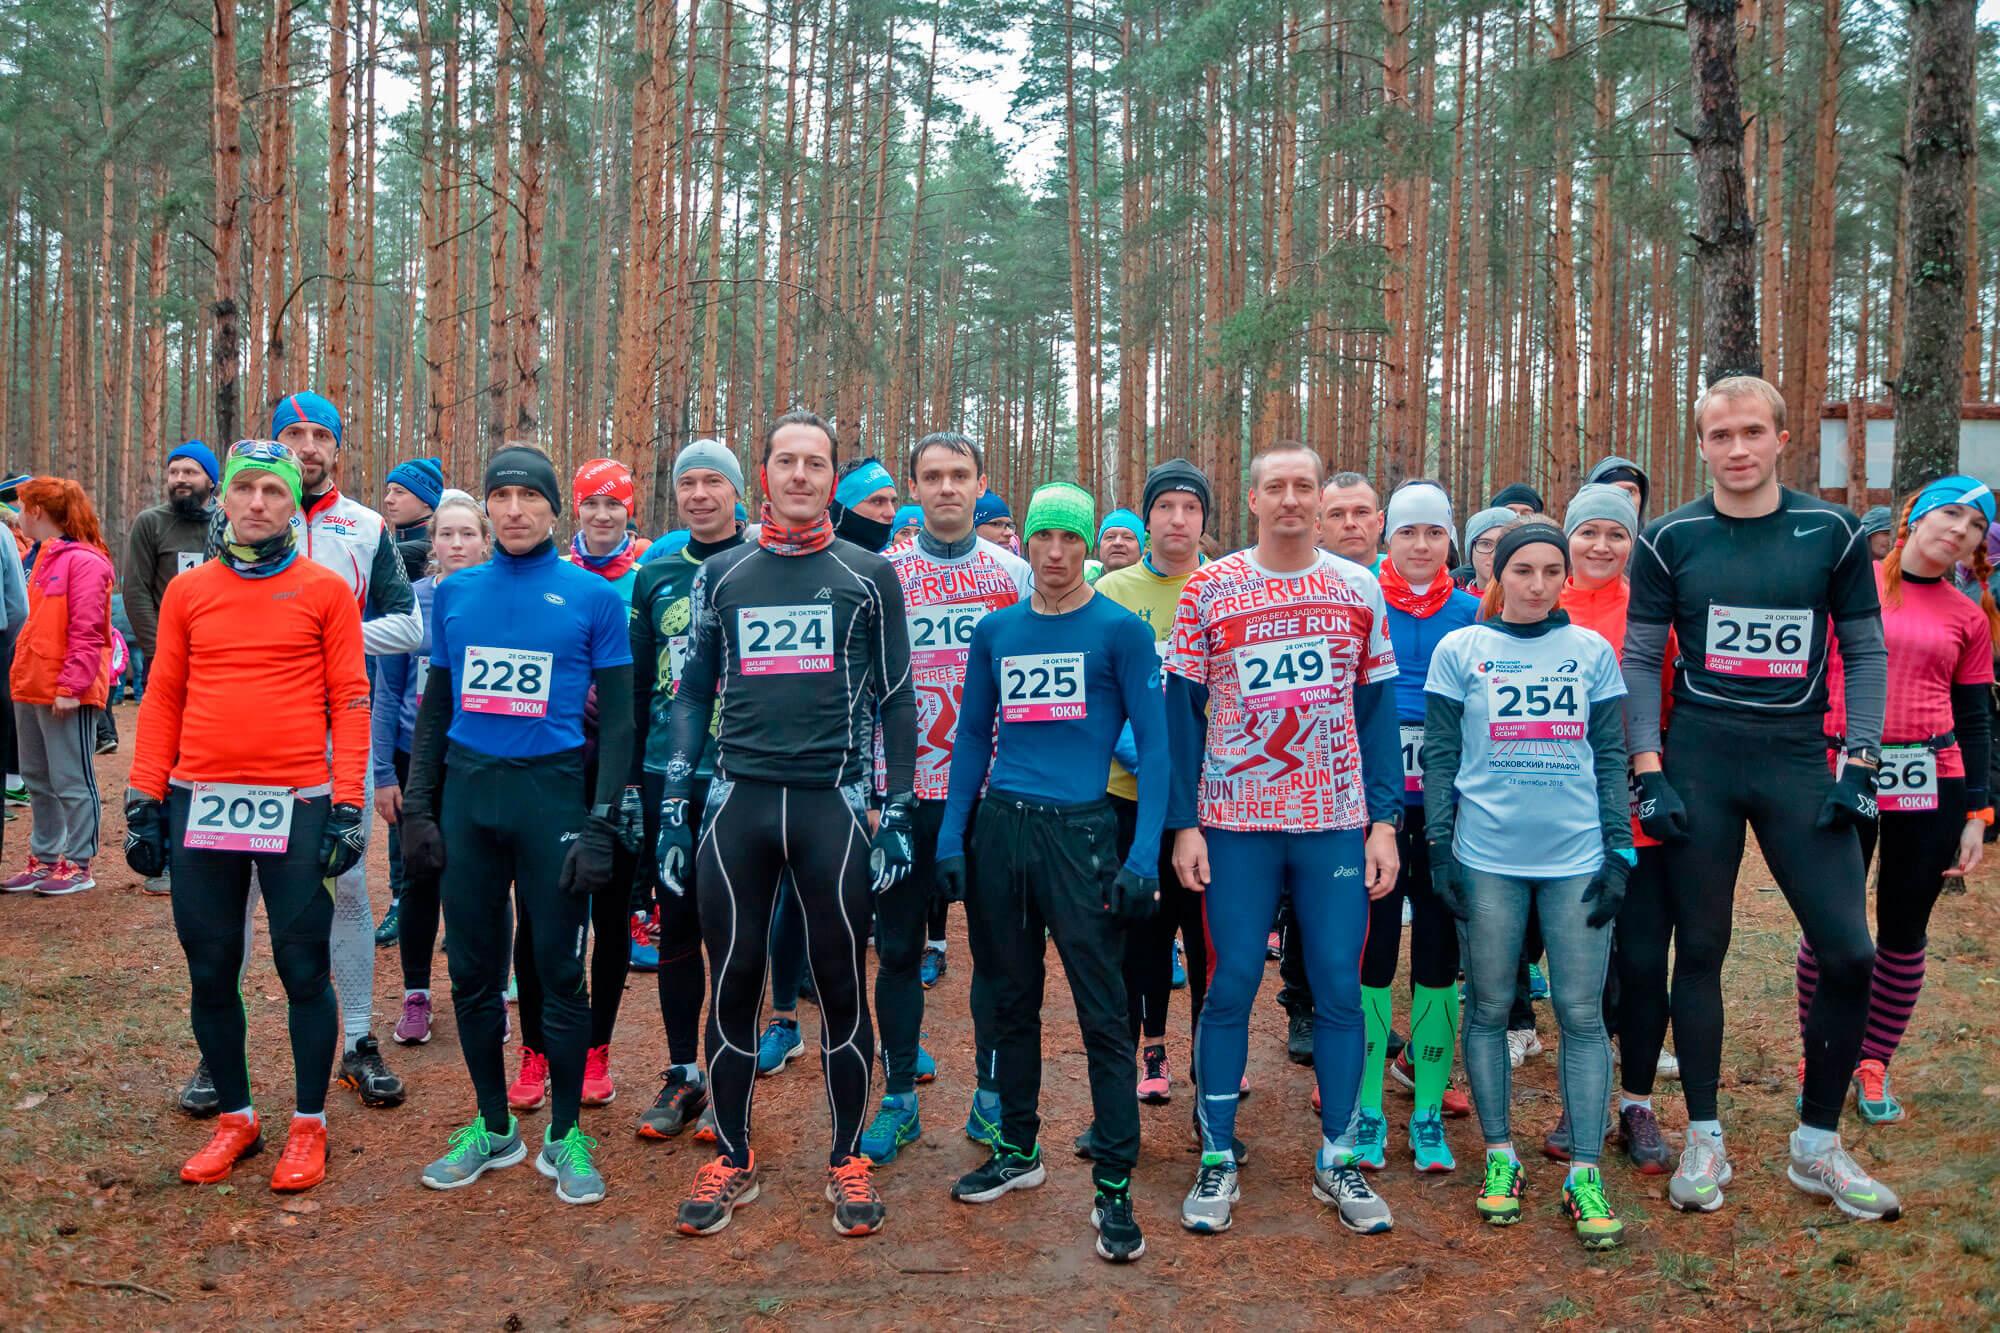 Фото на старте - Ярославский забег Дыхание осени 2018. Спортсмены